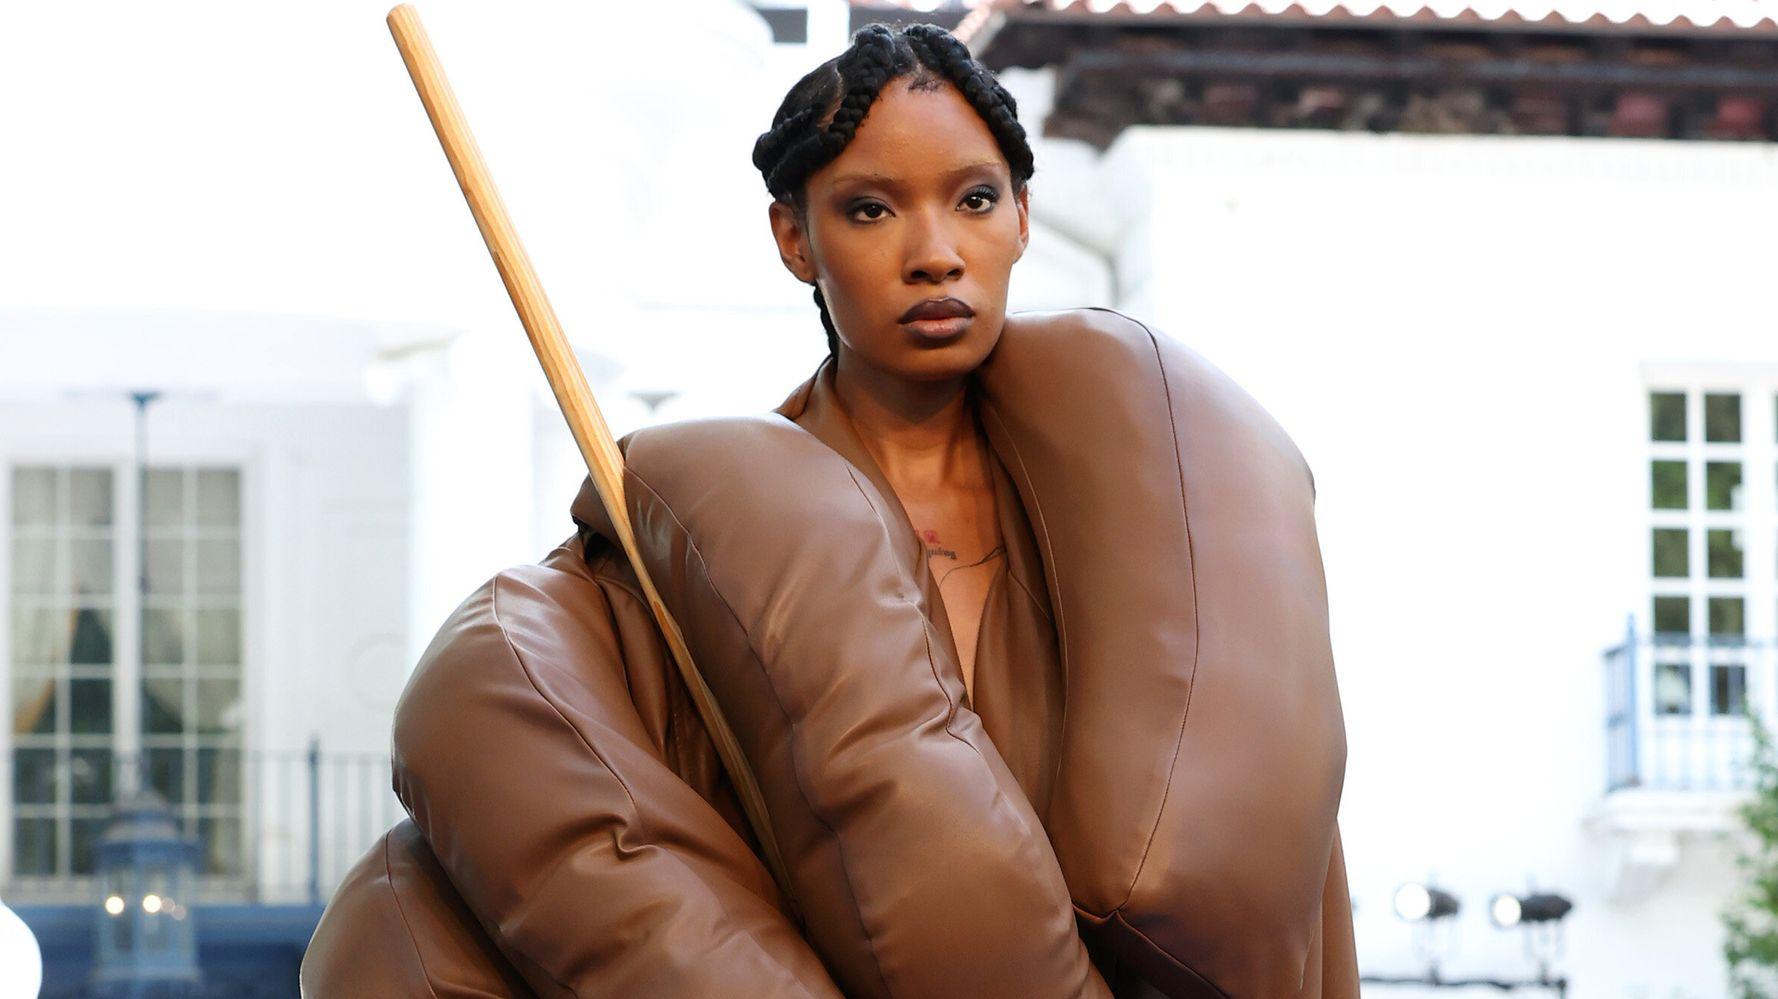 Kerby Jean-Raymond fait passer un message avec cette robe en forme de main tenant une serpillère